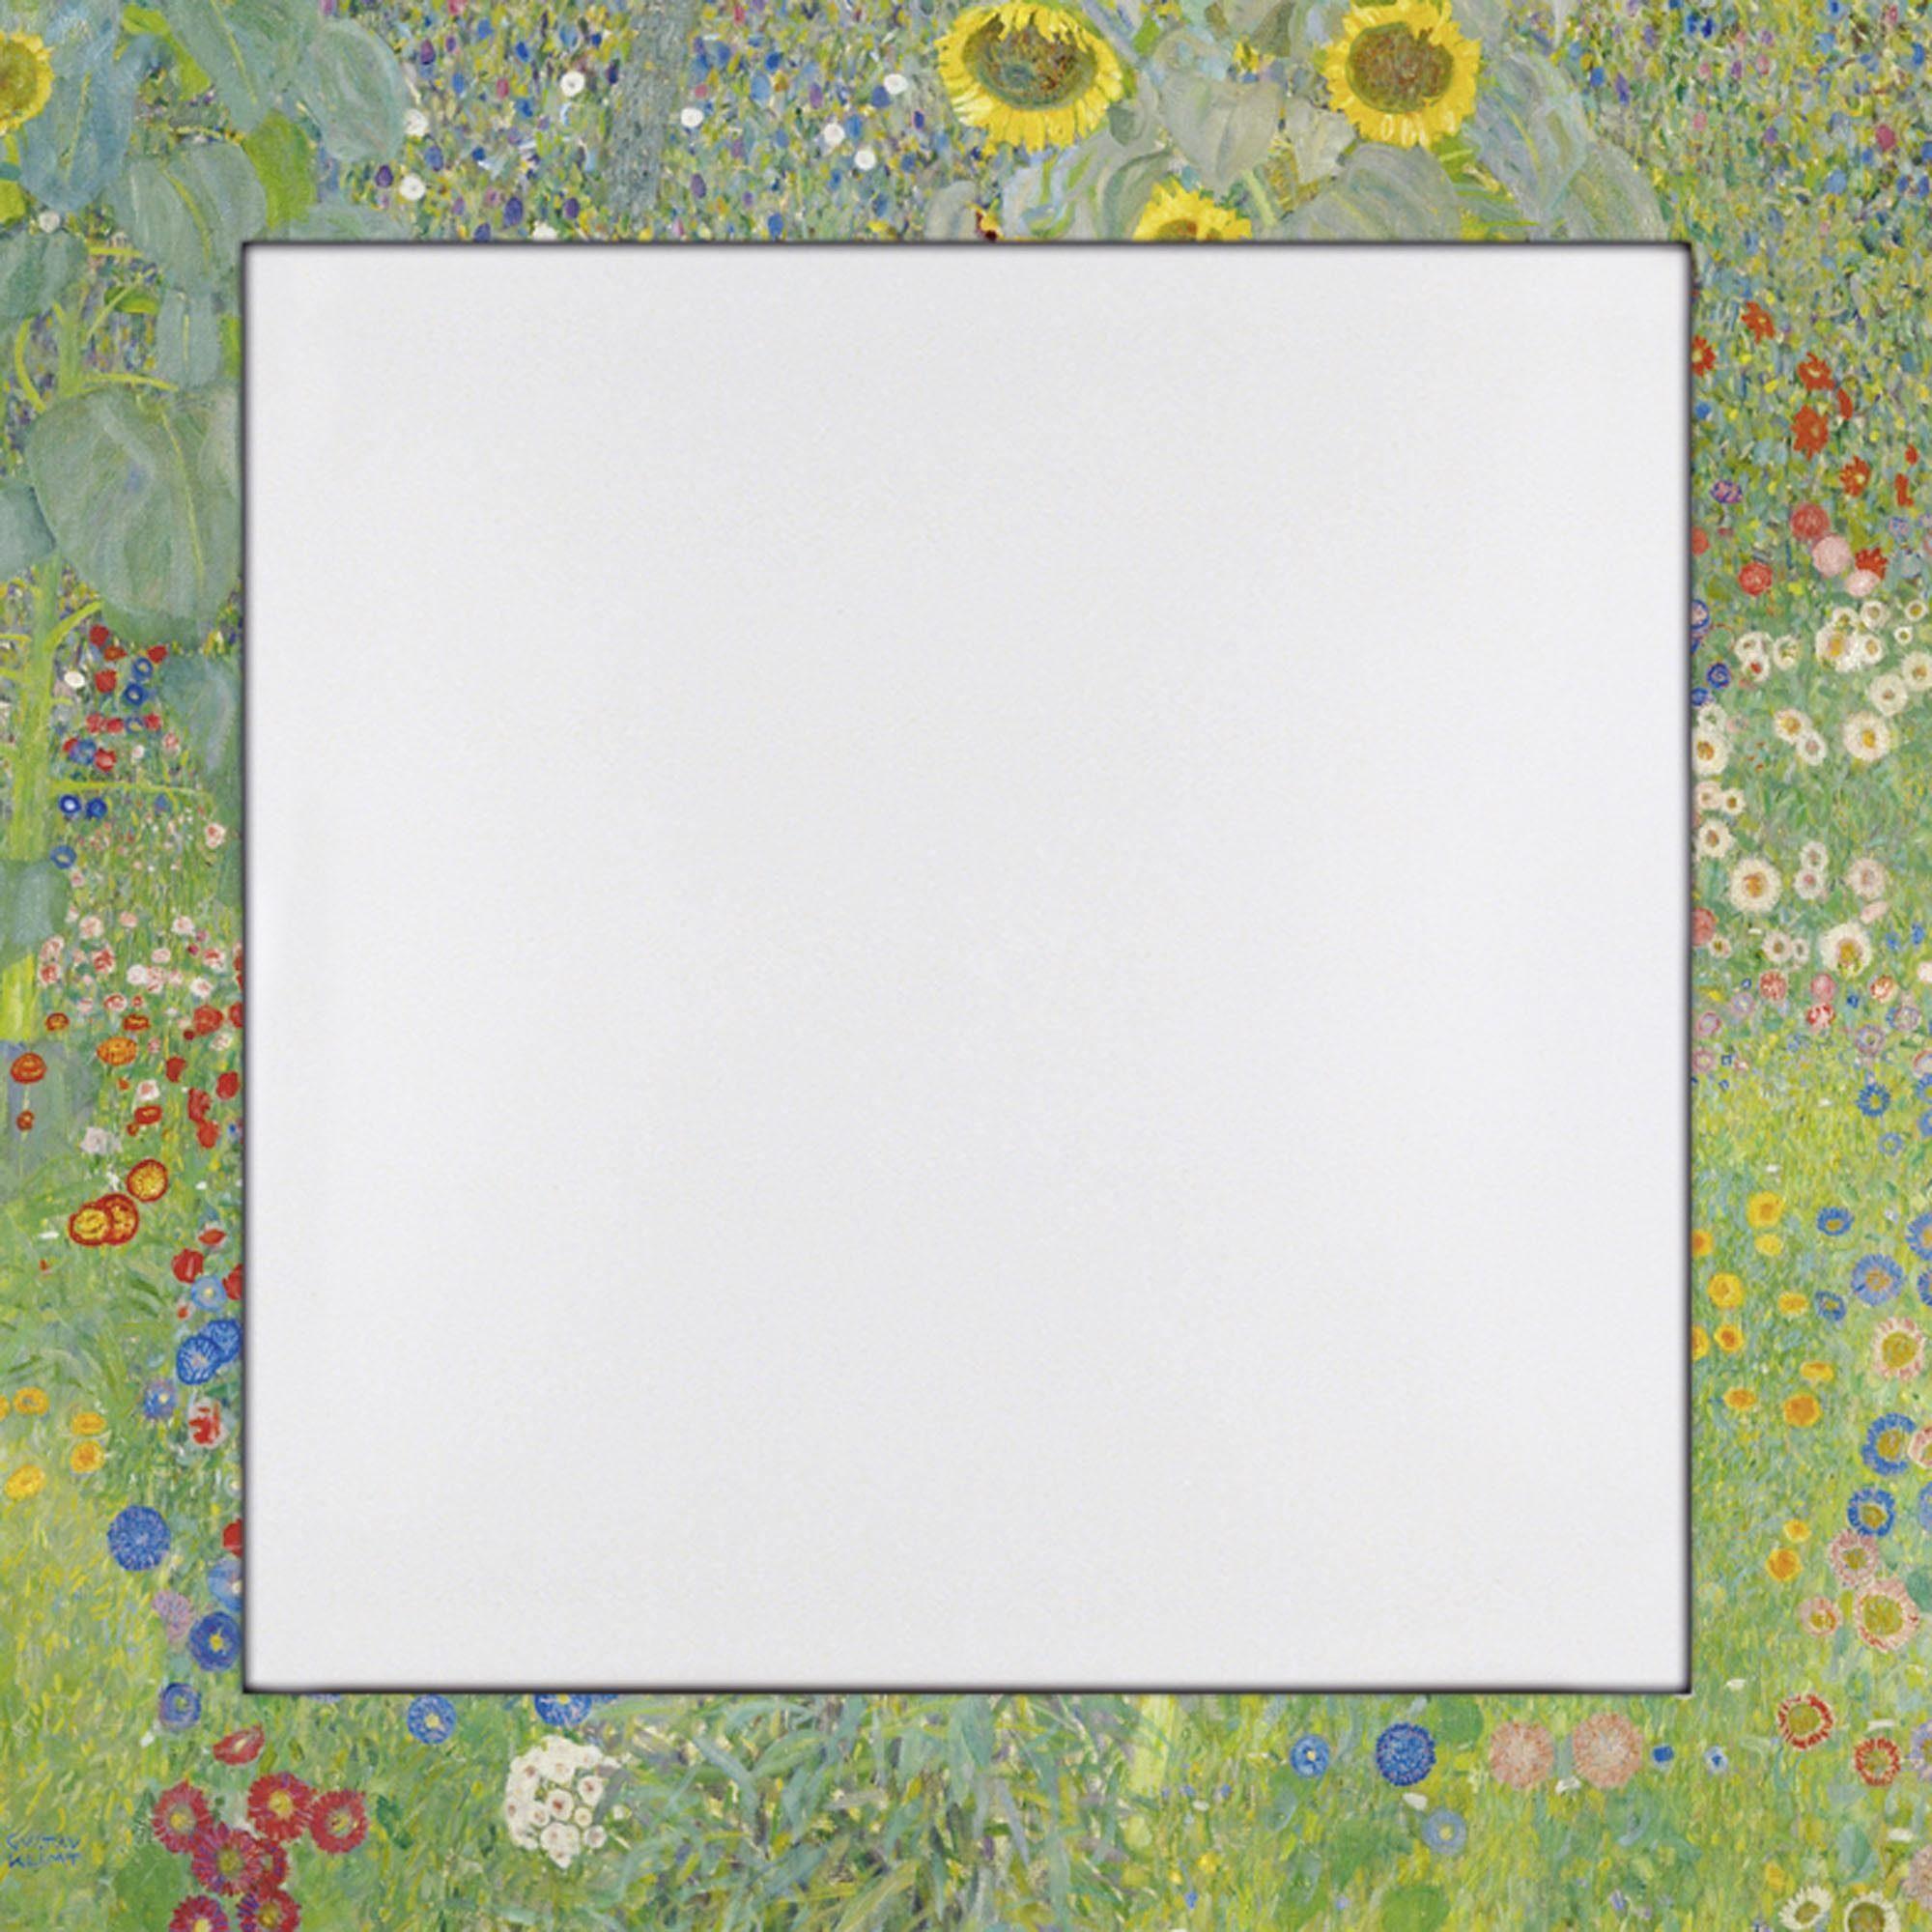 Home affaire Spiegel im Designerrahmen »Klimt, G.: Garten mit Sonnenblumen«, 66/66 cm